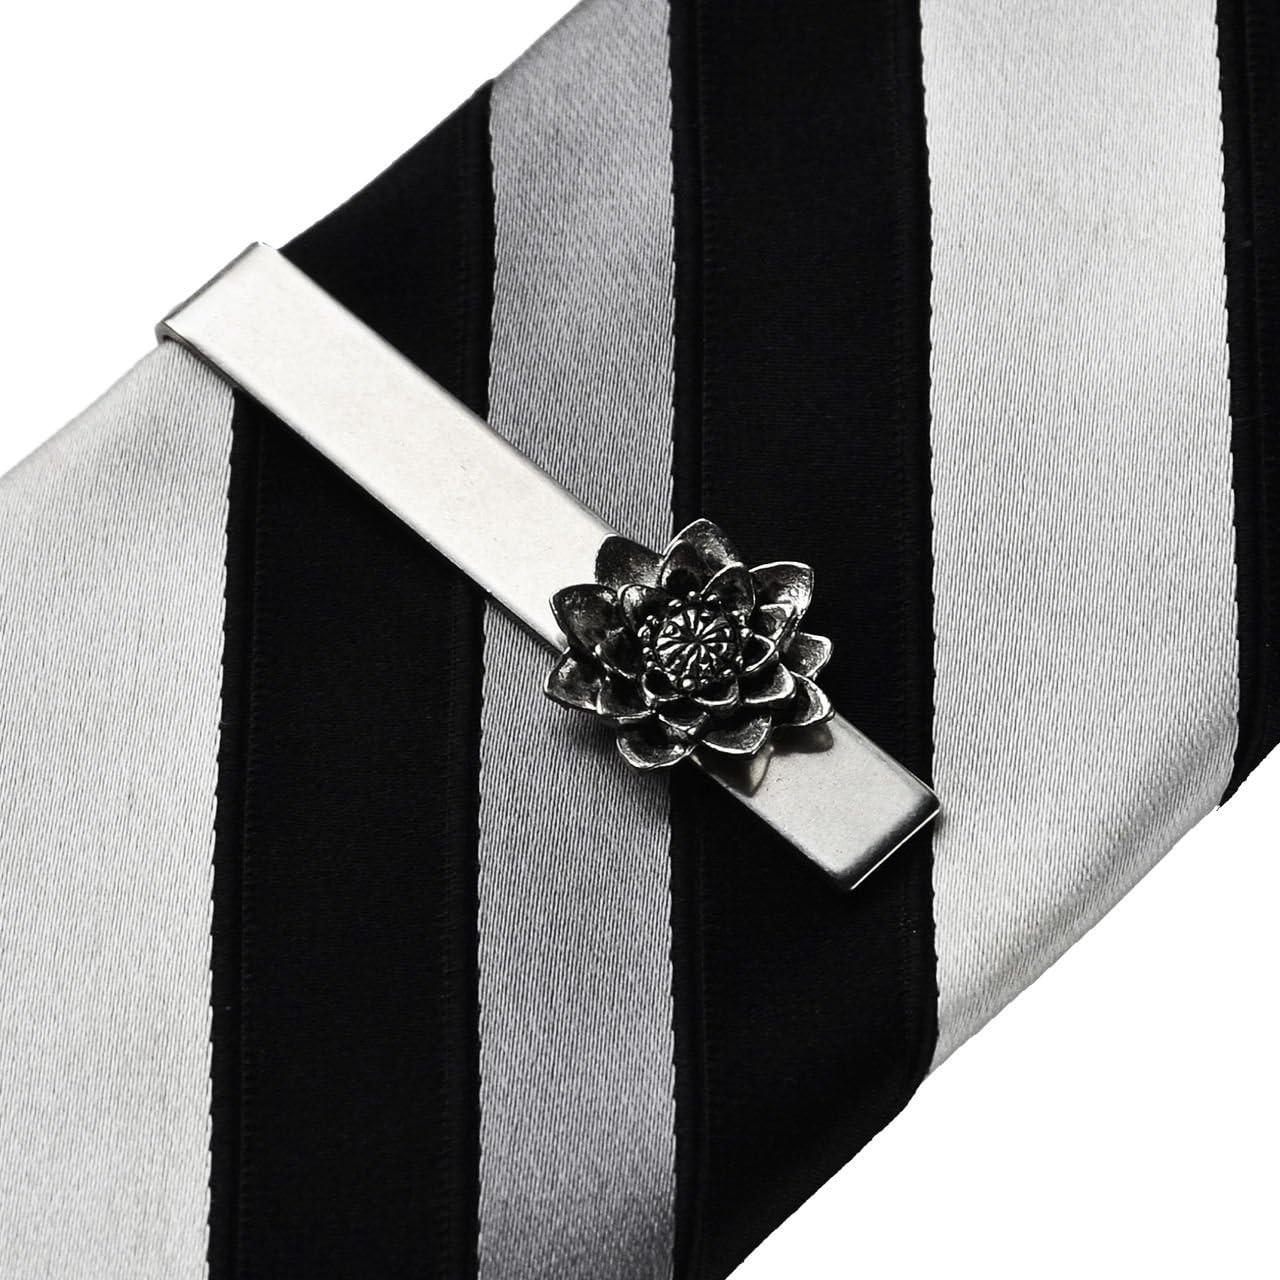 Quality Handcrafts Guaranteed Lotus Tie Clip